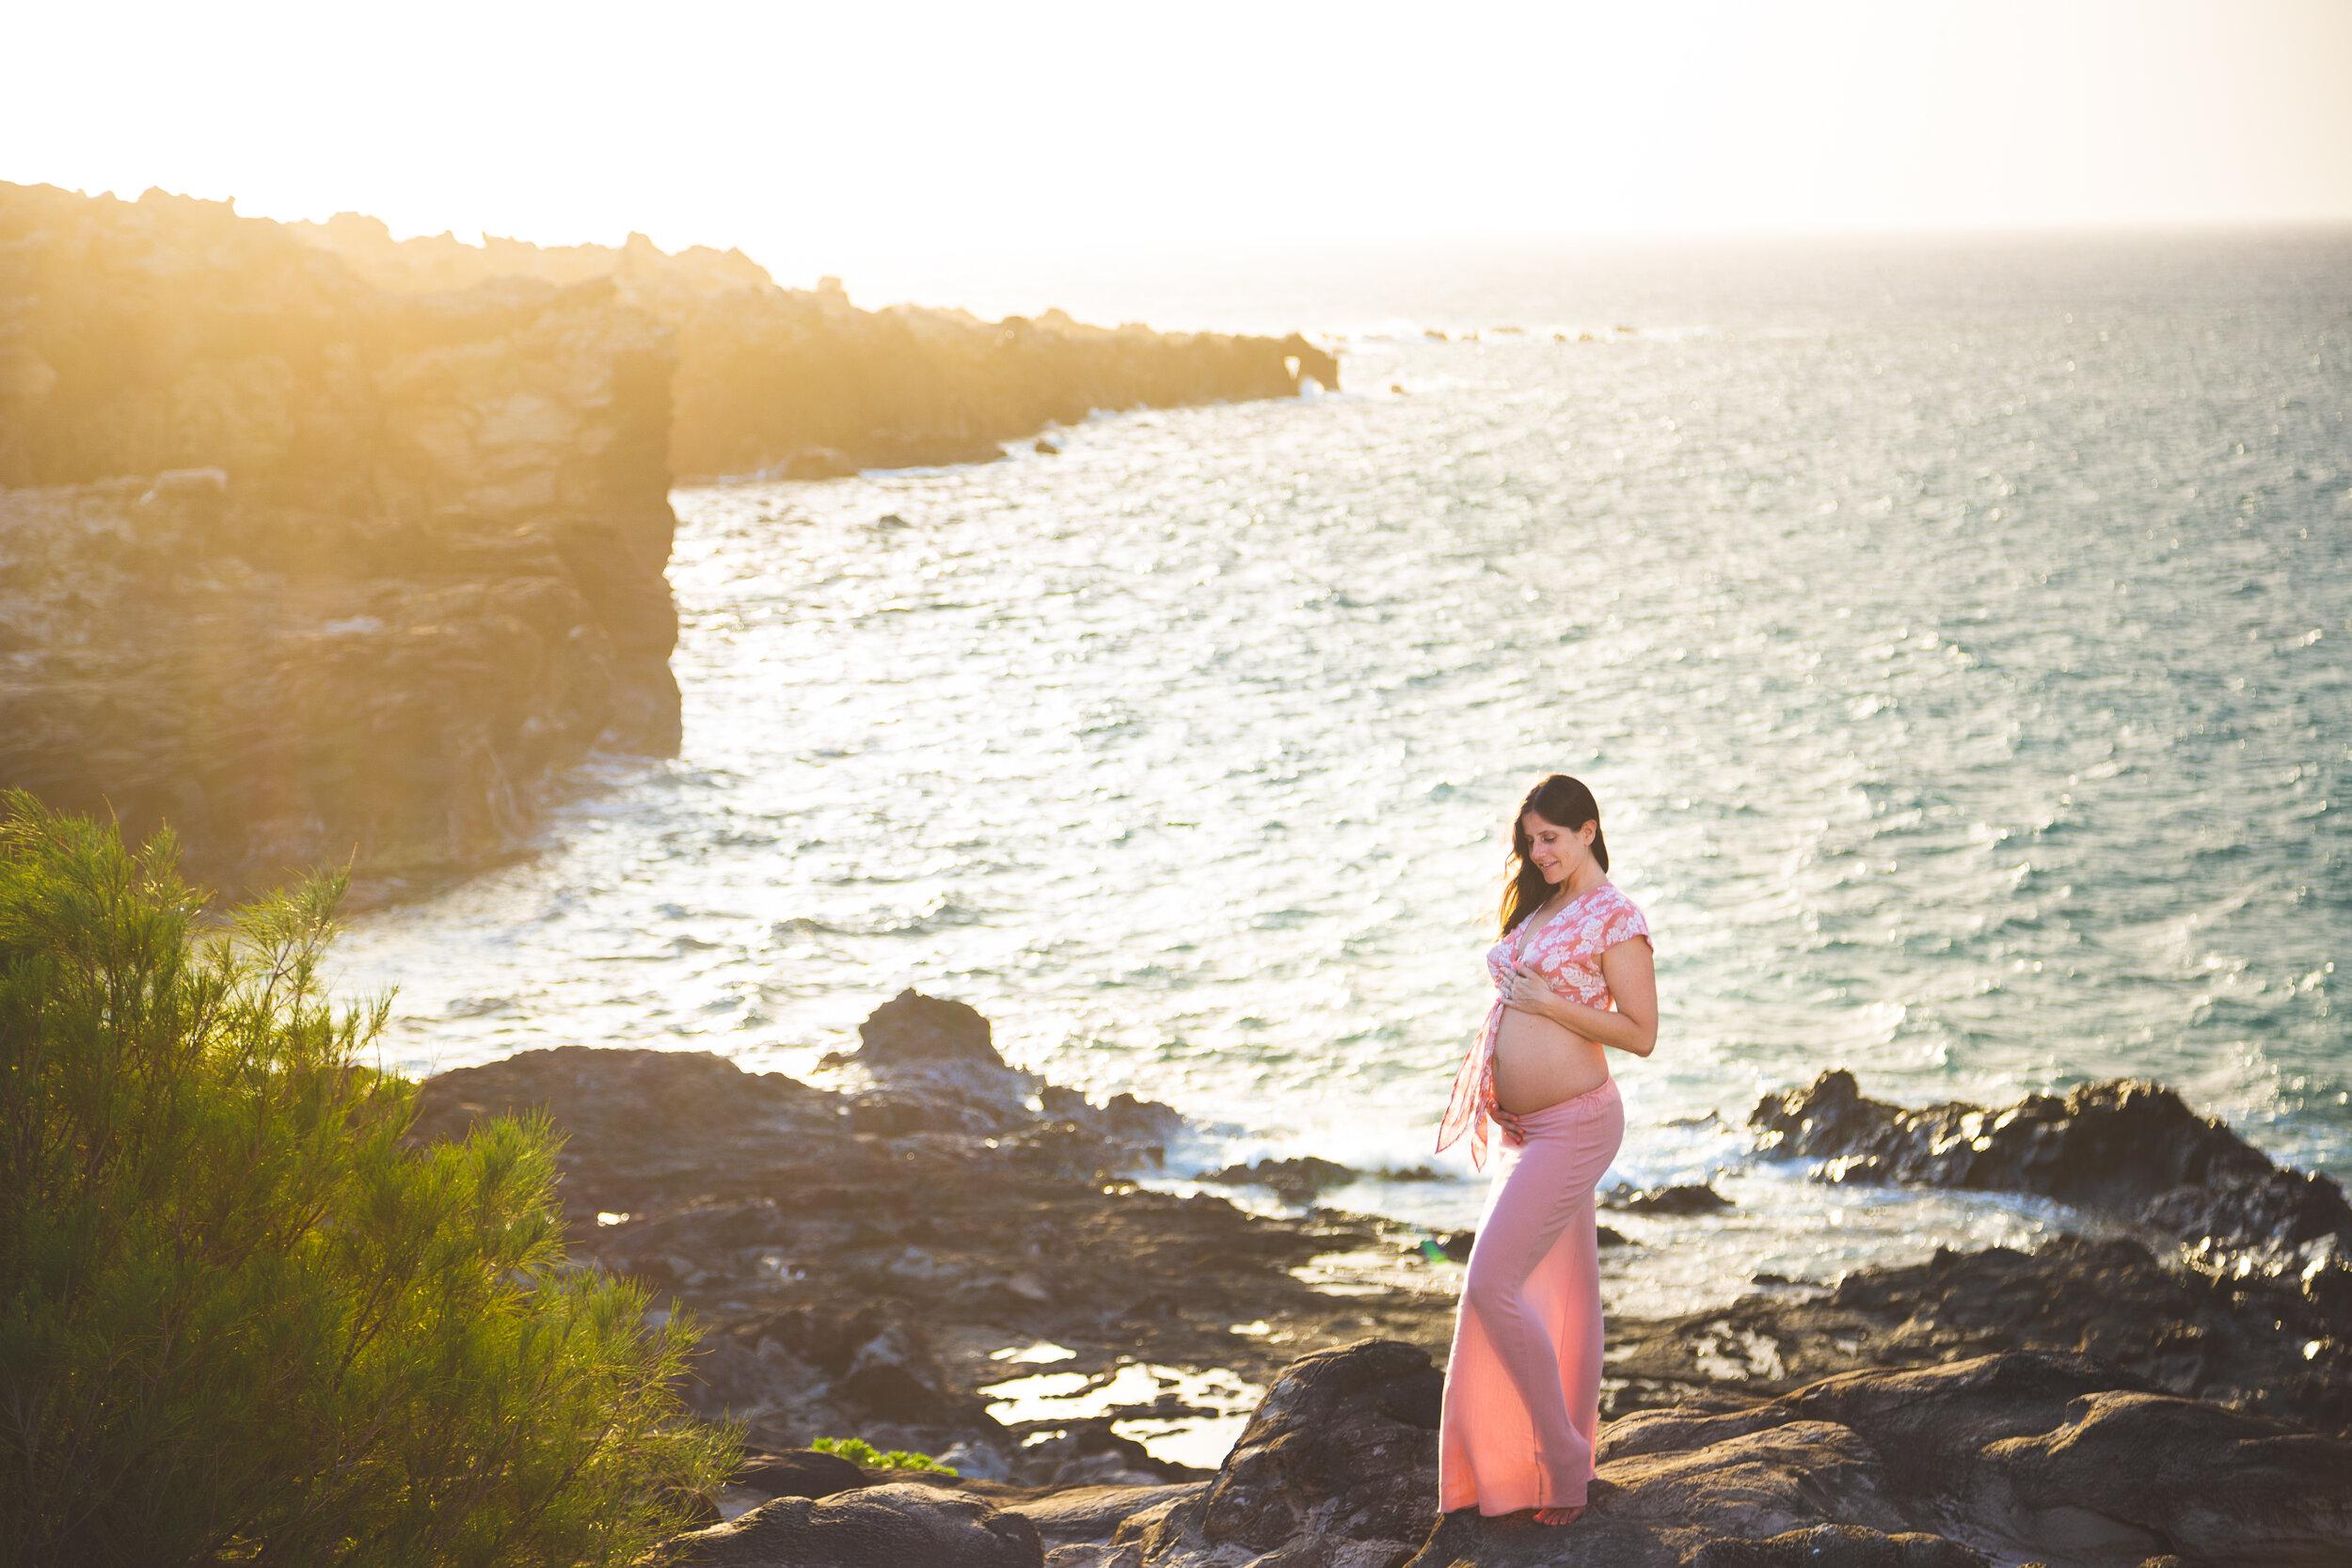 Sarah_Ezrin_Kapalua_Maui_2019_by_Chelsea_Heller_Photography-45.jpg